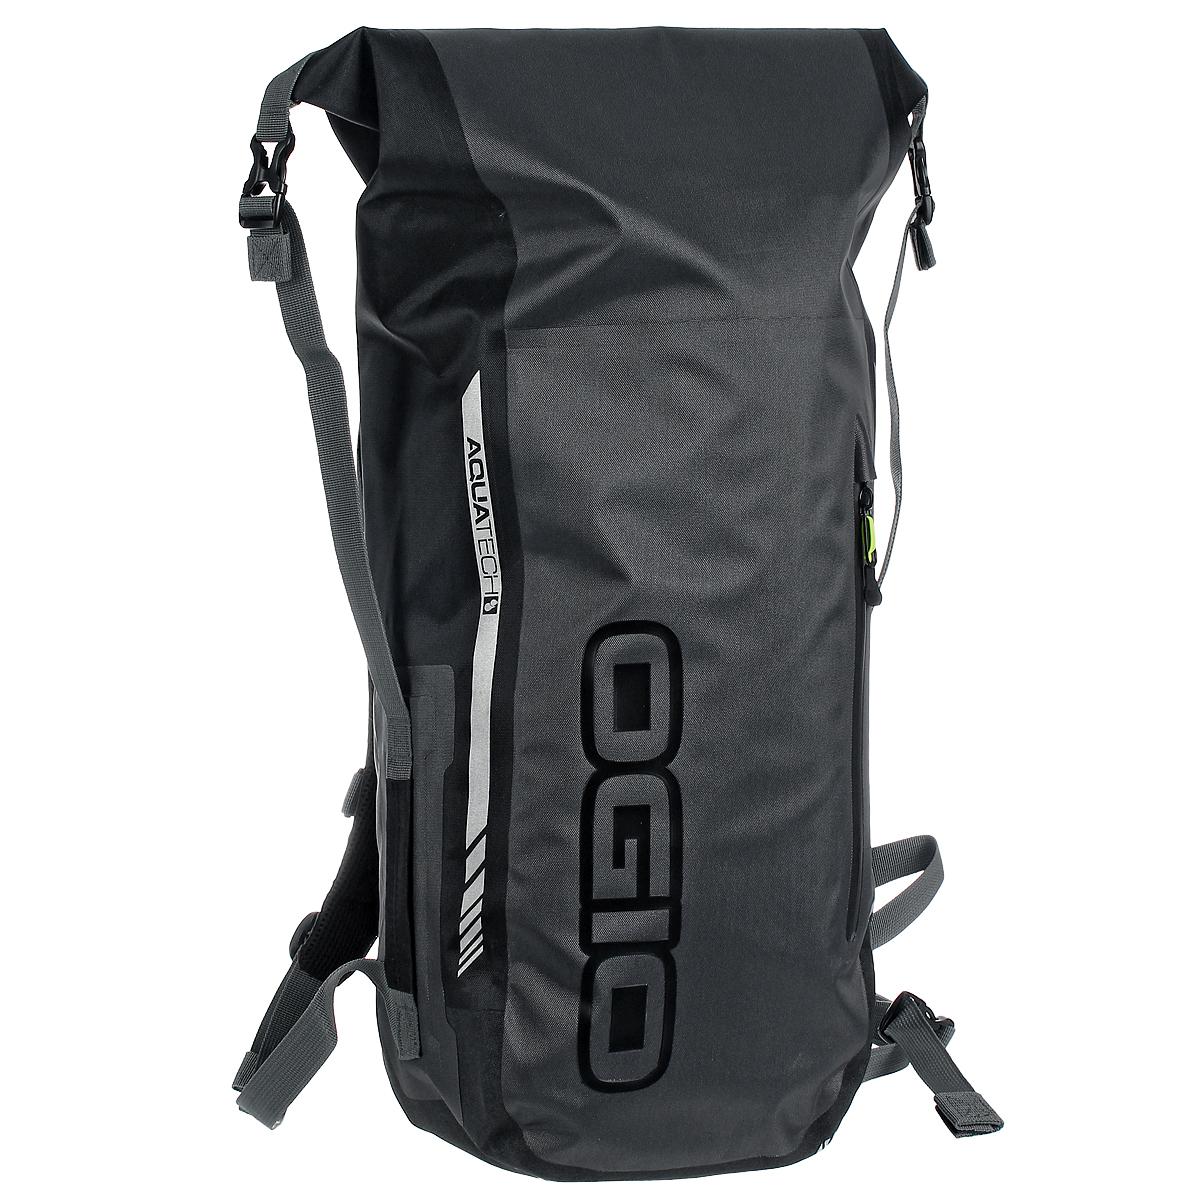 Рюкзак водонепроницаемый Ogio All Elements Pack Stealth, цвет: черныйRD-534-2/3Ogio All Elements Pack Stealth - полностью водонепроницаемый рюкзак. Большое отделение для ноутбука и планшета. Фронтальный карман быстрого доступа на молнии для мелочей и аксессуаров с прорезиненной молнией. Специальный карман надежно разместит и защитит ноутбуки с диагональю экрана до 15. Двойные наплечные ремни и ремень на грудь с регулятором в двух направлениях. Теперь Вам не страшны дожди и вода, вещи останутся сухими!